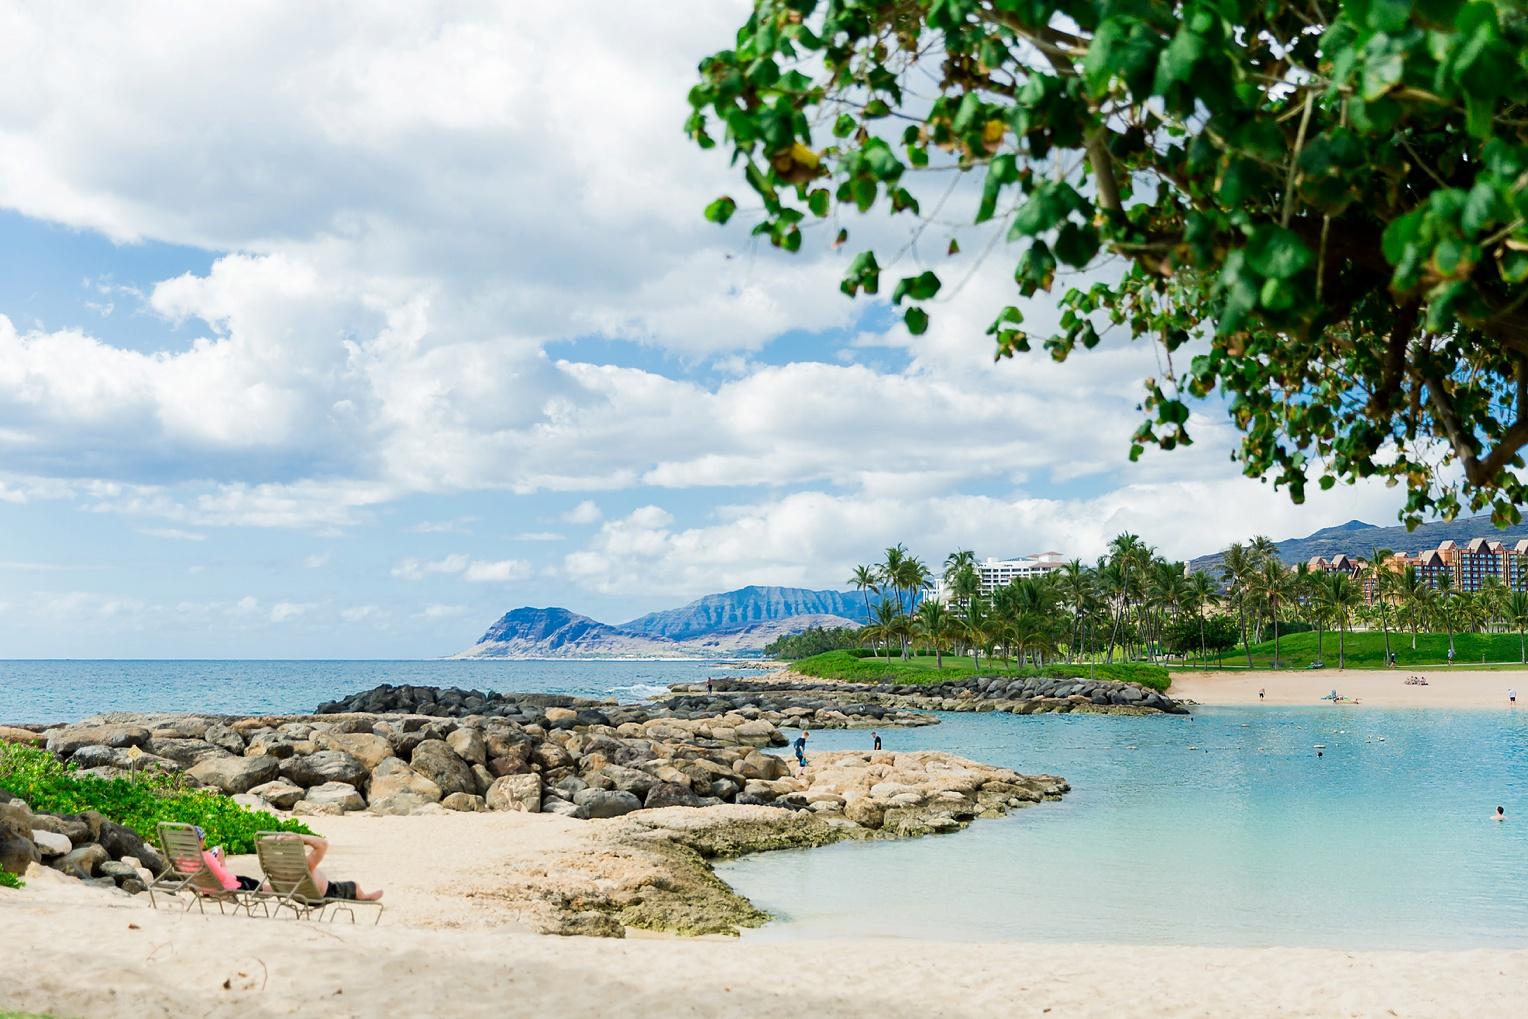 Hawaii Oahu Botanical Gardens Ko'olina Lagoon-9256.jpg